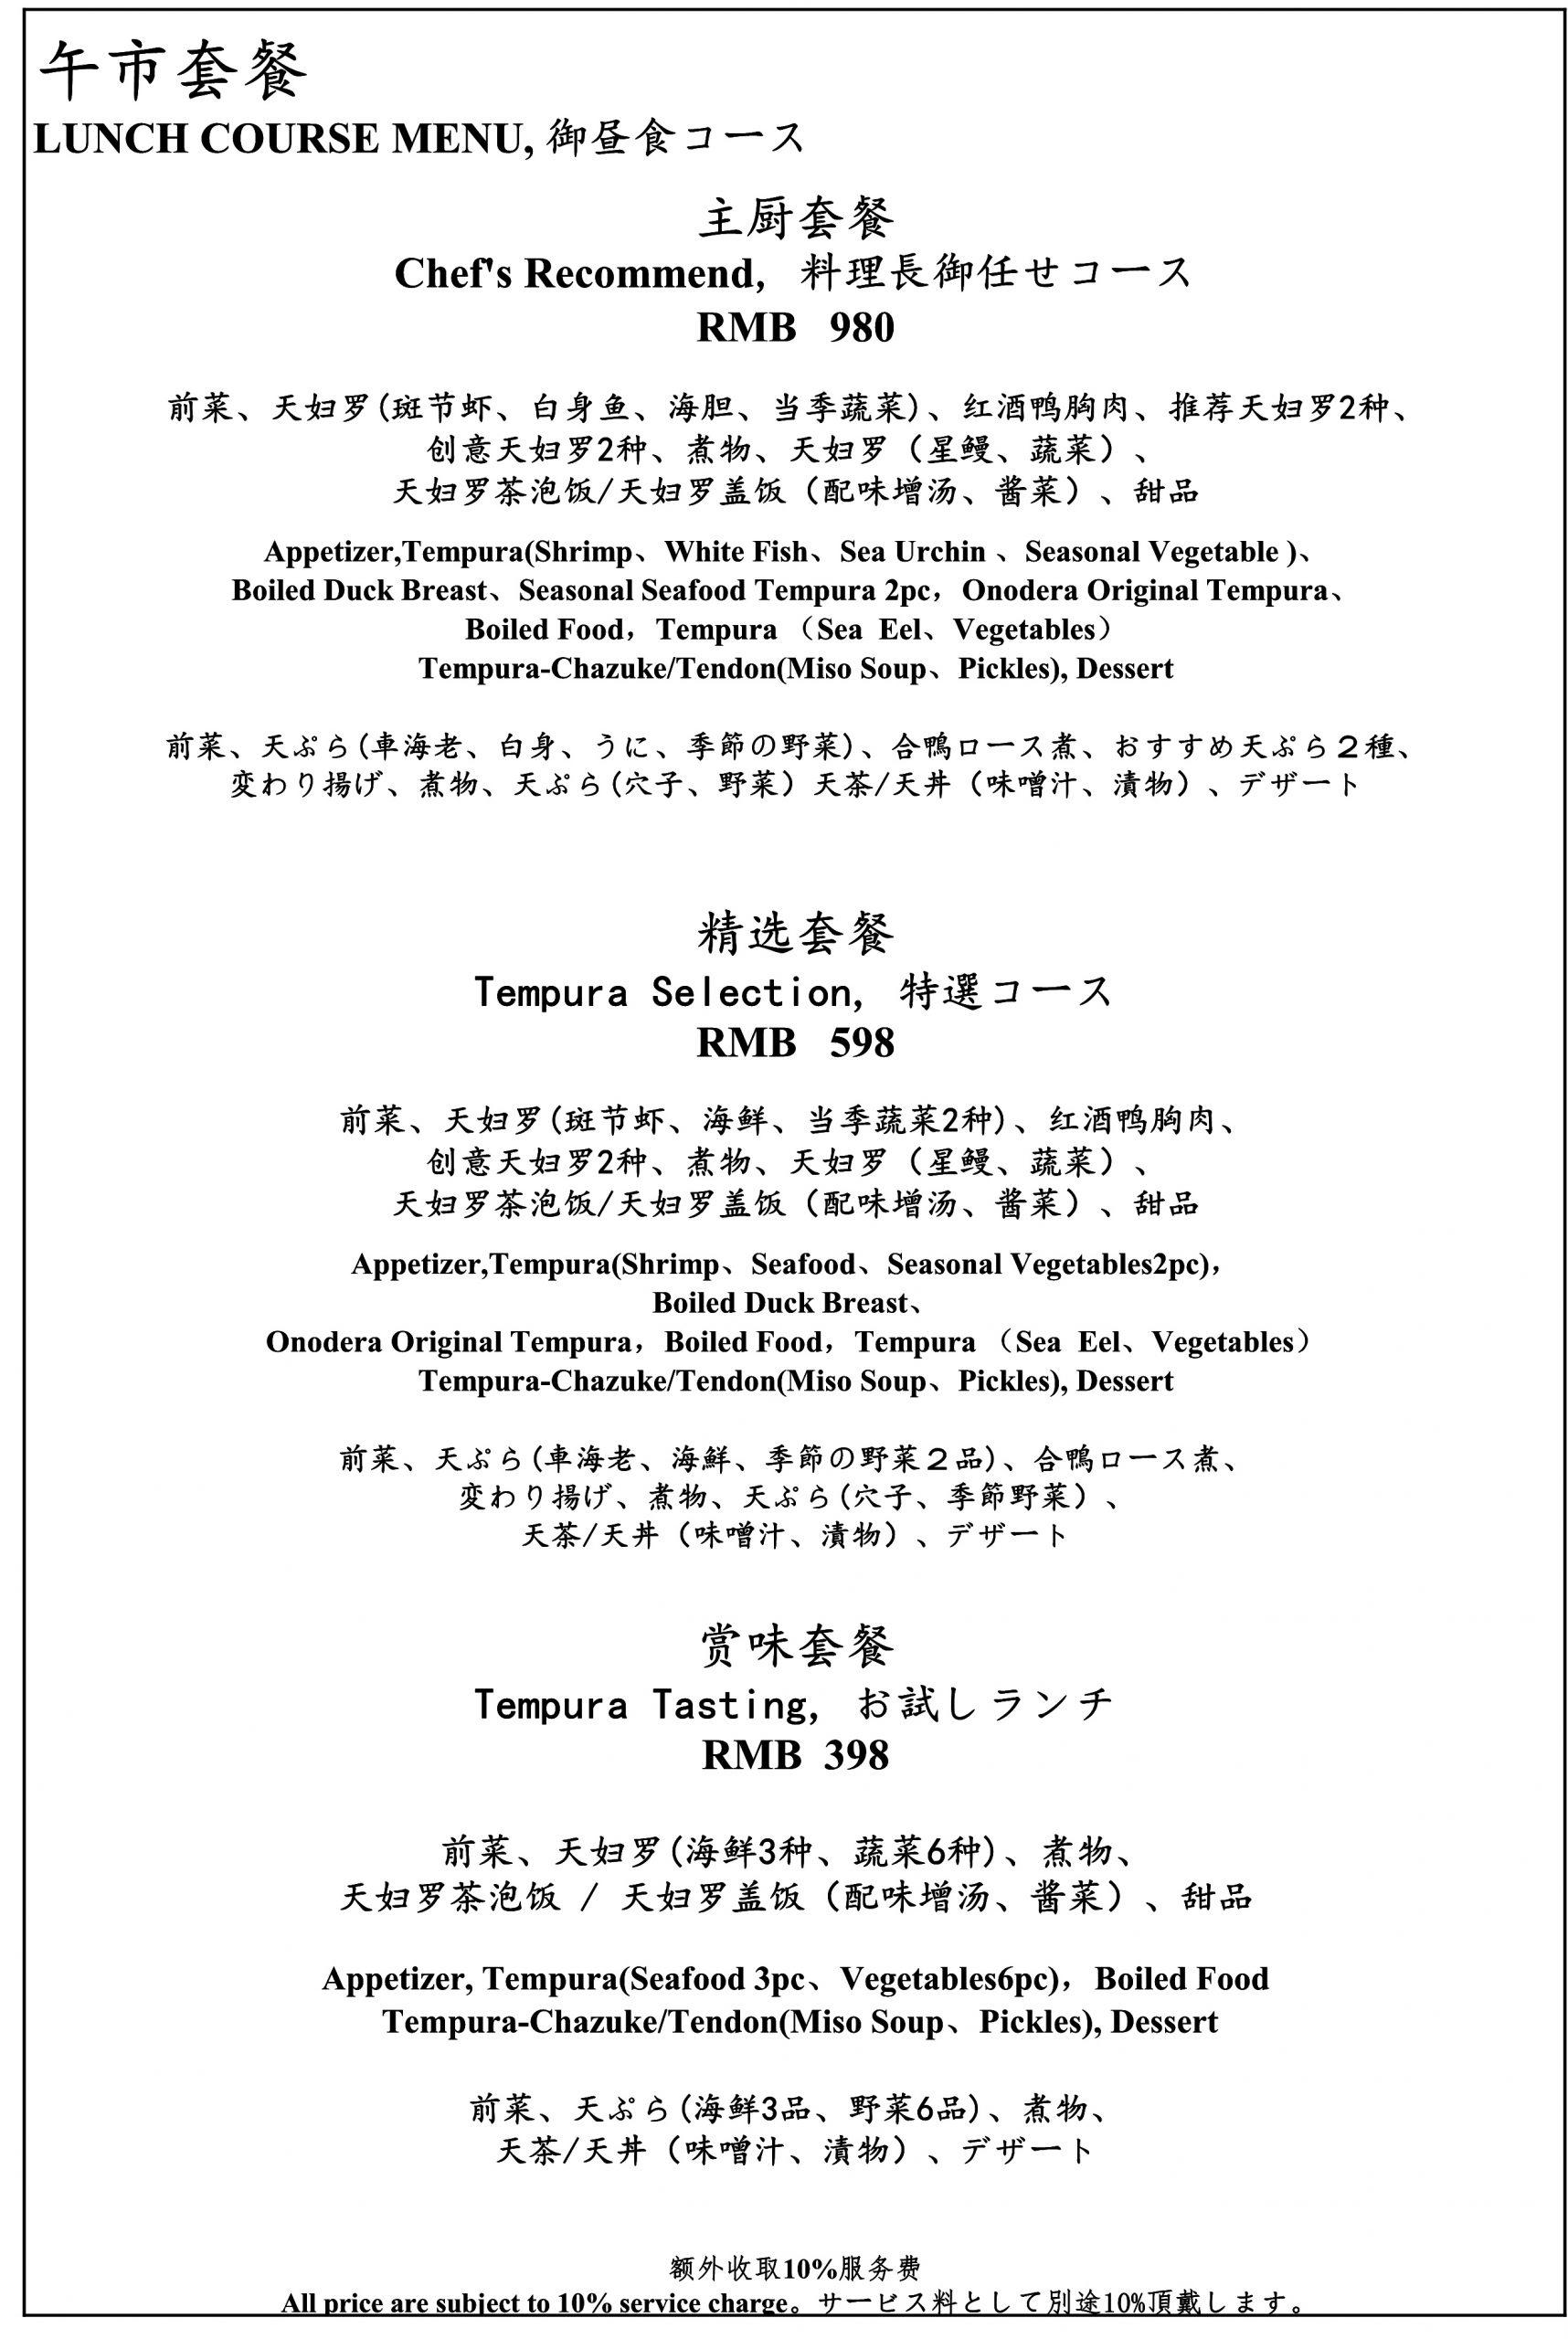 天ぷら [上海店] ランチメニュー5